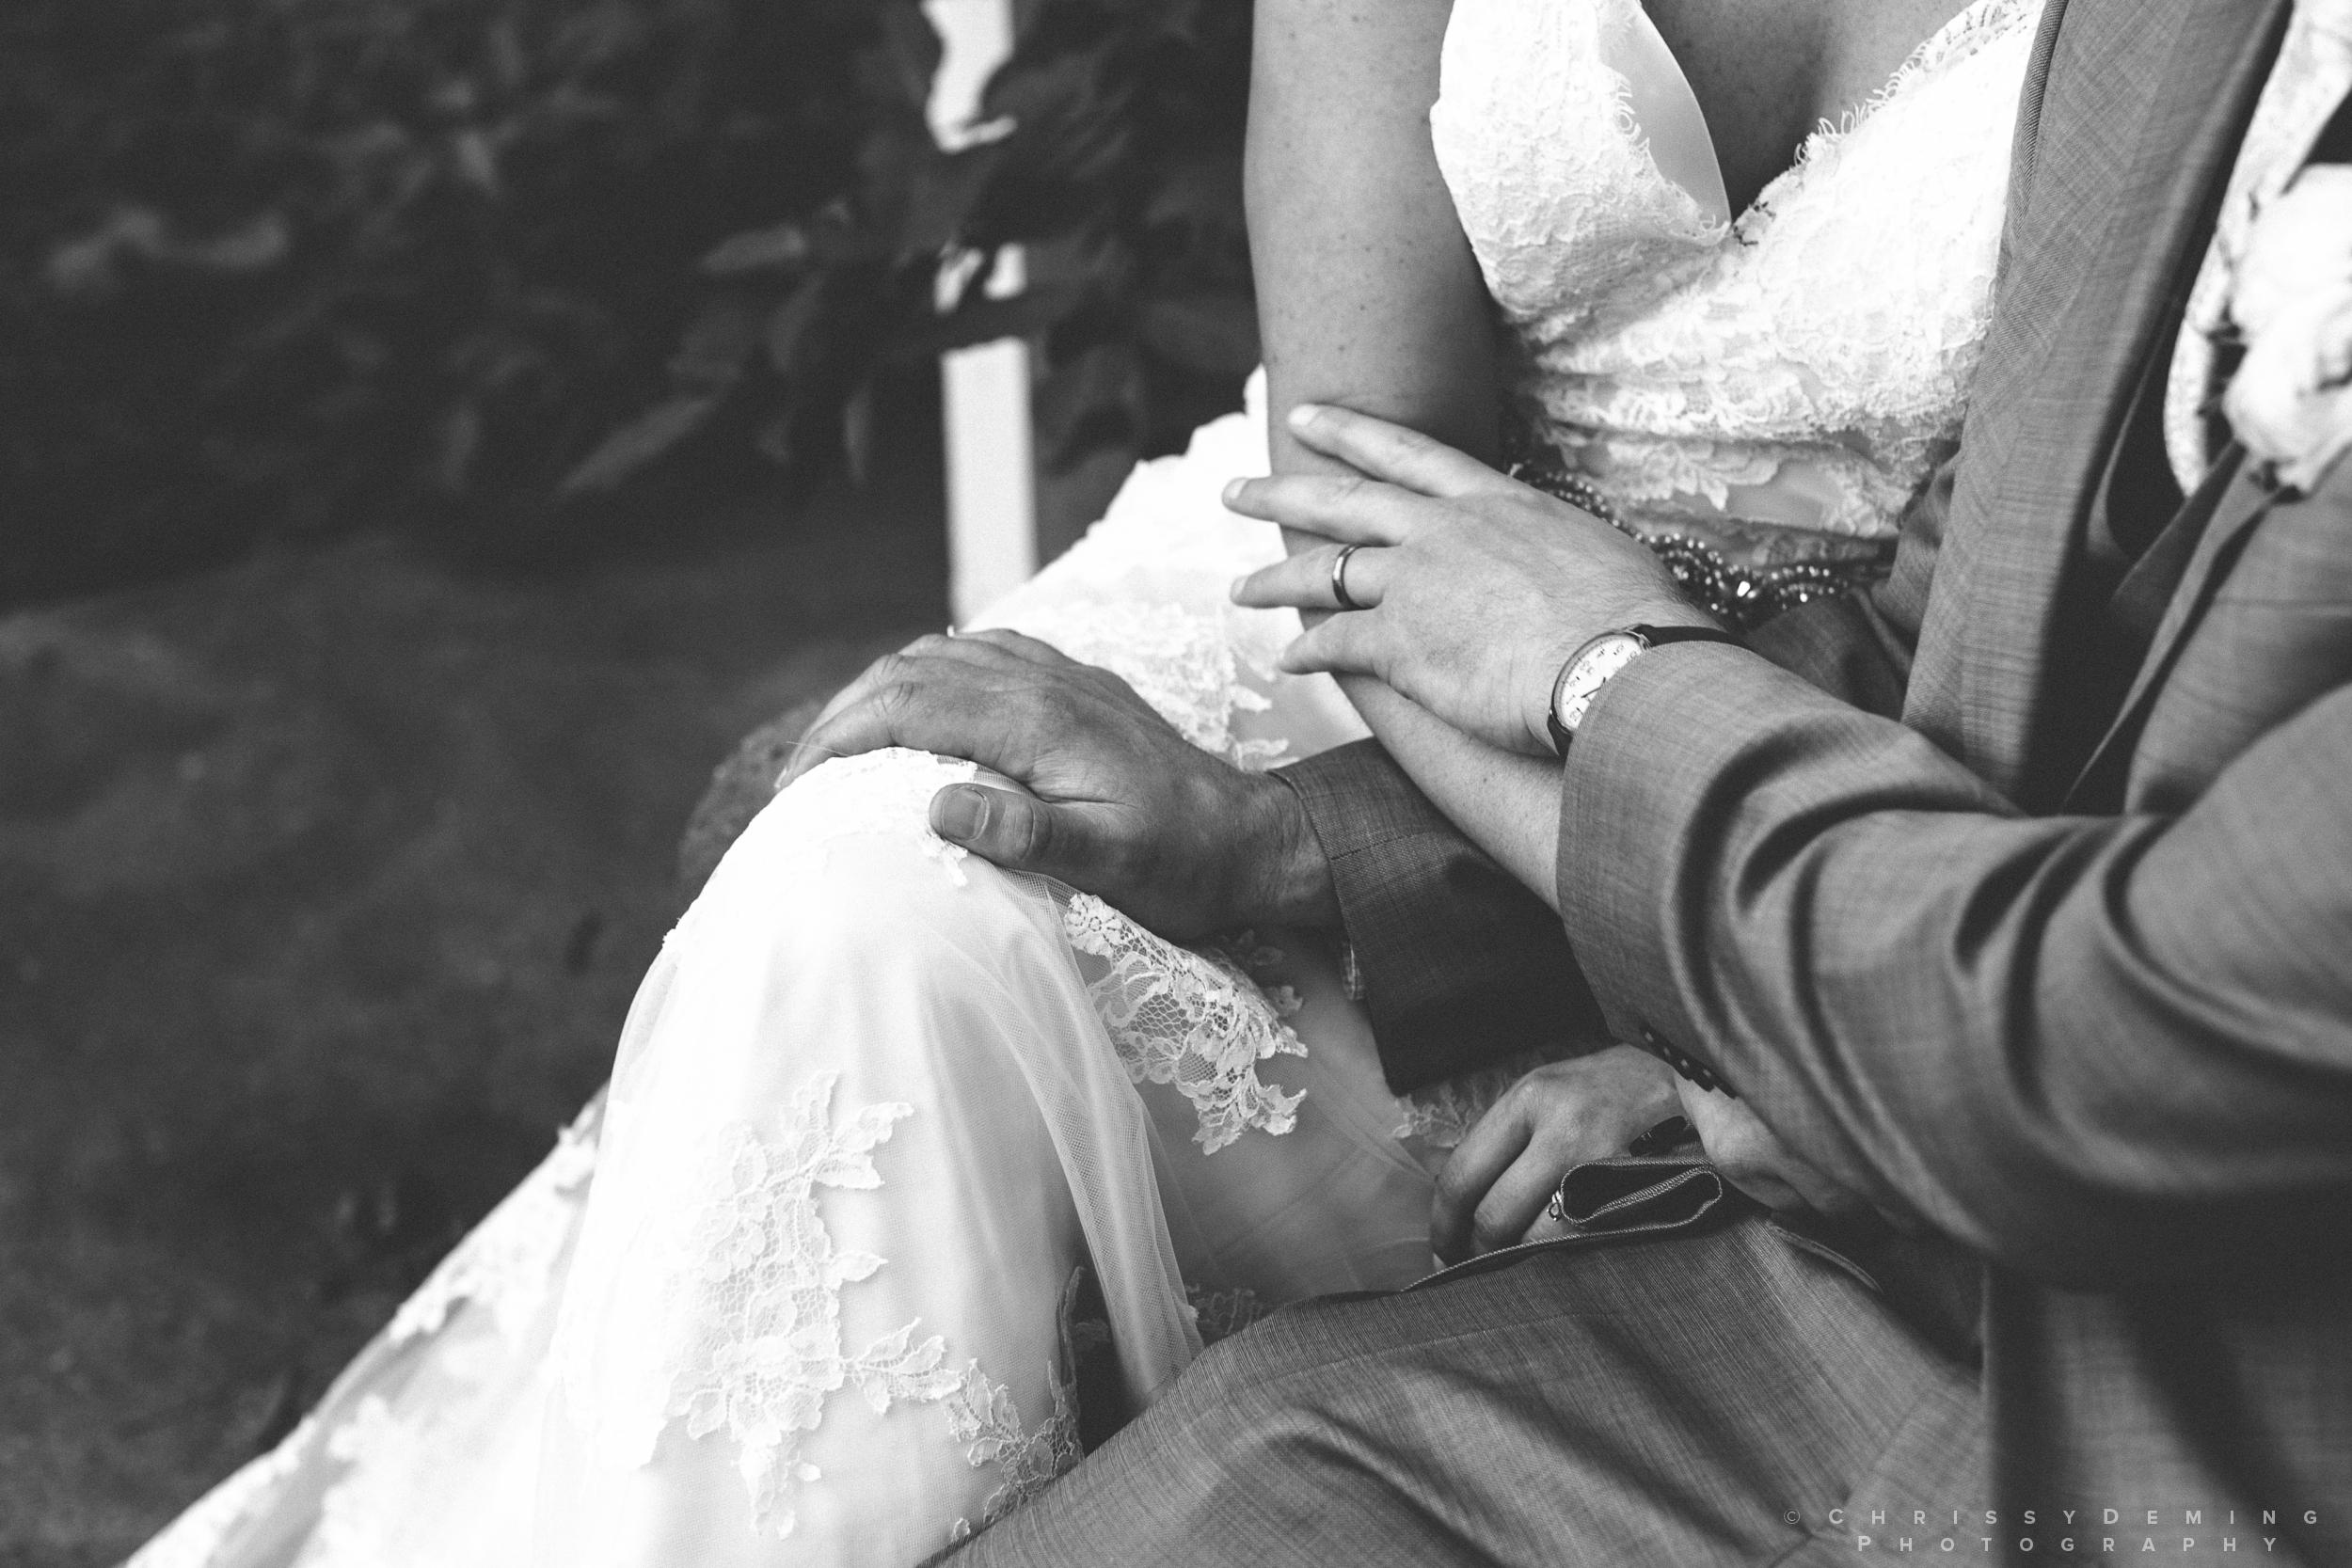 salvatores_chicago_ wedding_photographer_0051.jpg